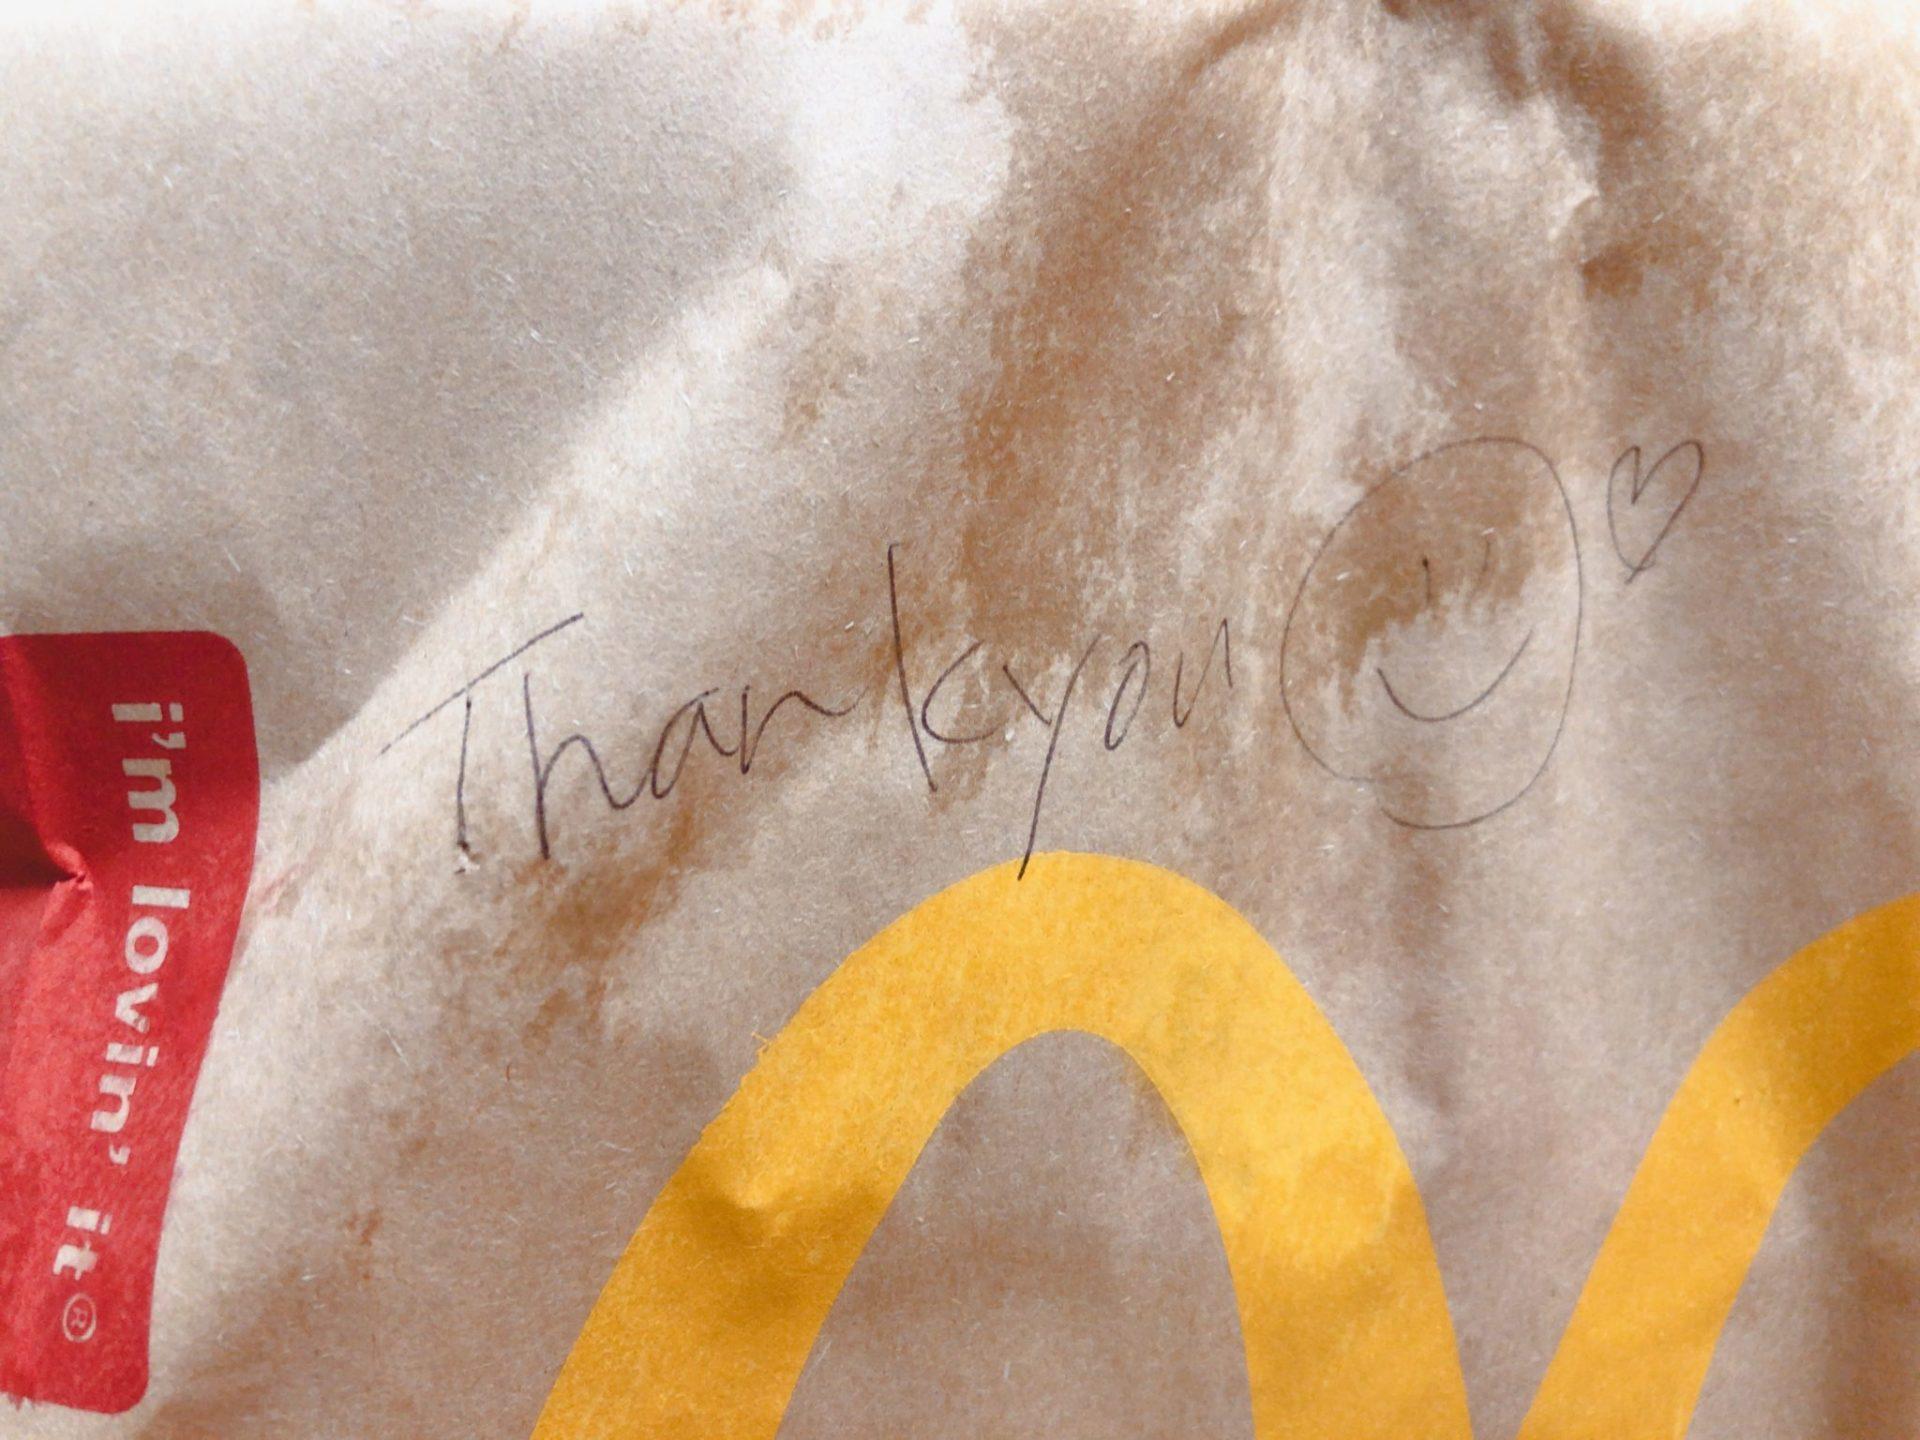 マクドナルドのデリバリーで無料で注文できるスマイル